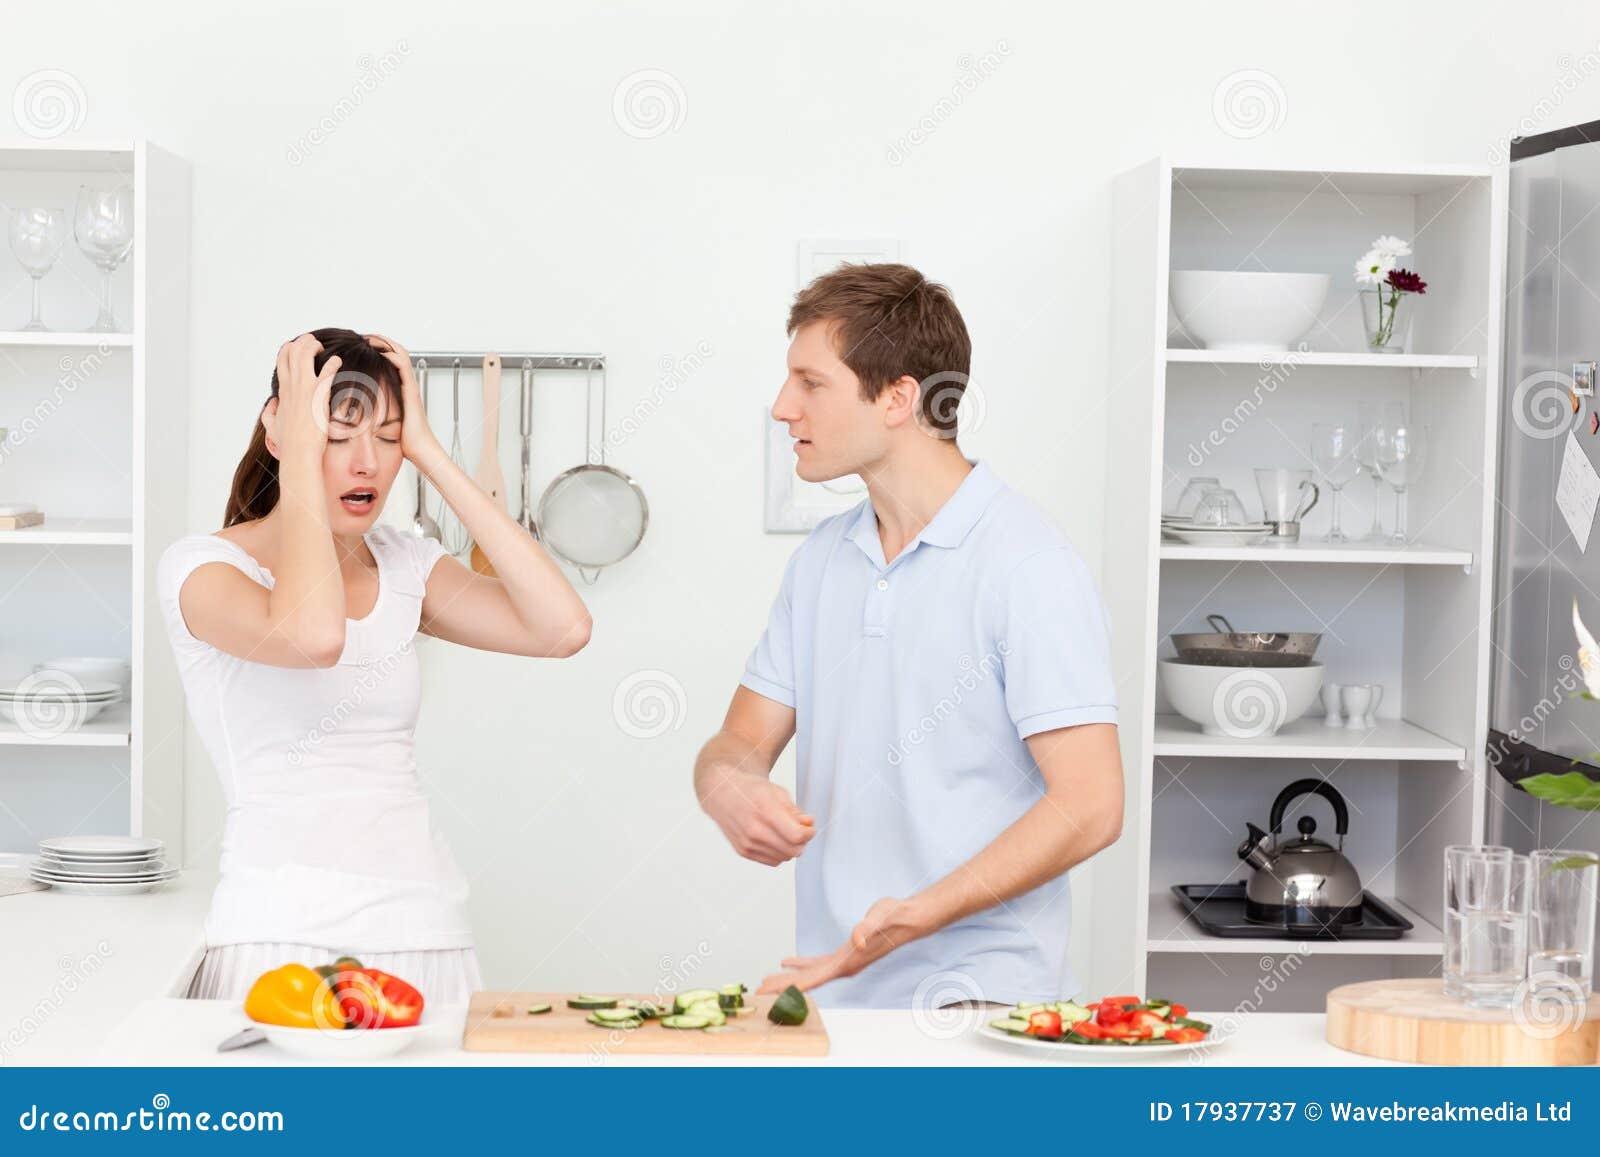 Junge Geliebte, Die Debatte In Der Küche Haben Stockbild - Bild von ...